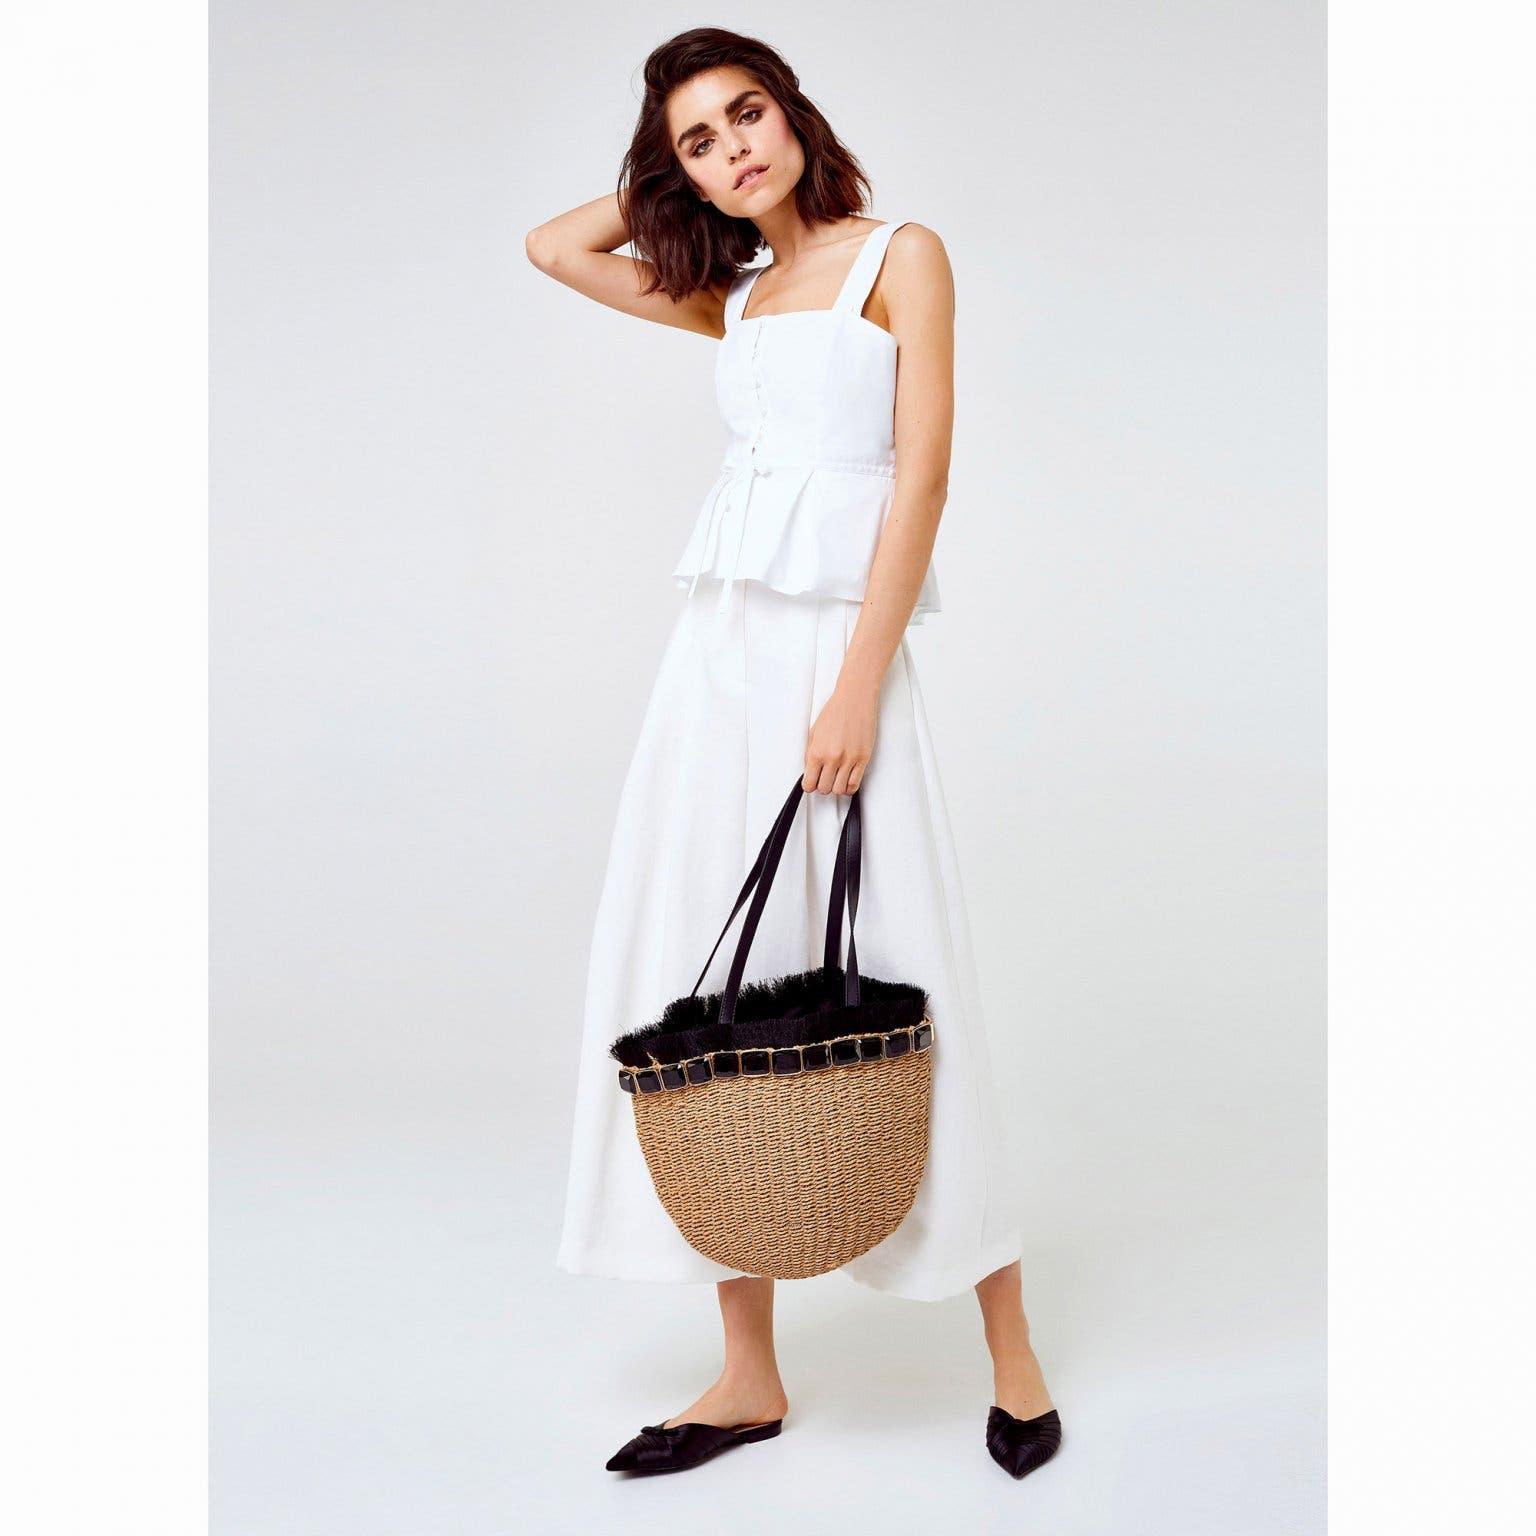 6e1768db66f84 هذه الحقيبة التي كانت حكراً على الرحلات إلى الشاطئ أو الطبيعة الخضراء،  تحوّلت مؤخراً إلى قطعة أساسيّة في خزانة المرأة العصريّة ترافقها في حياتها  اليومية  في ...